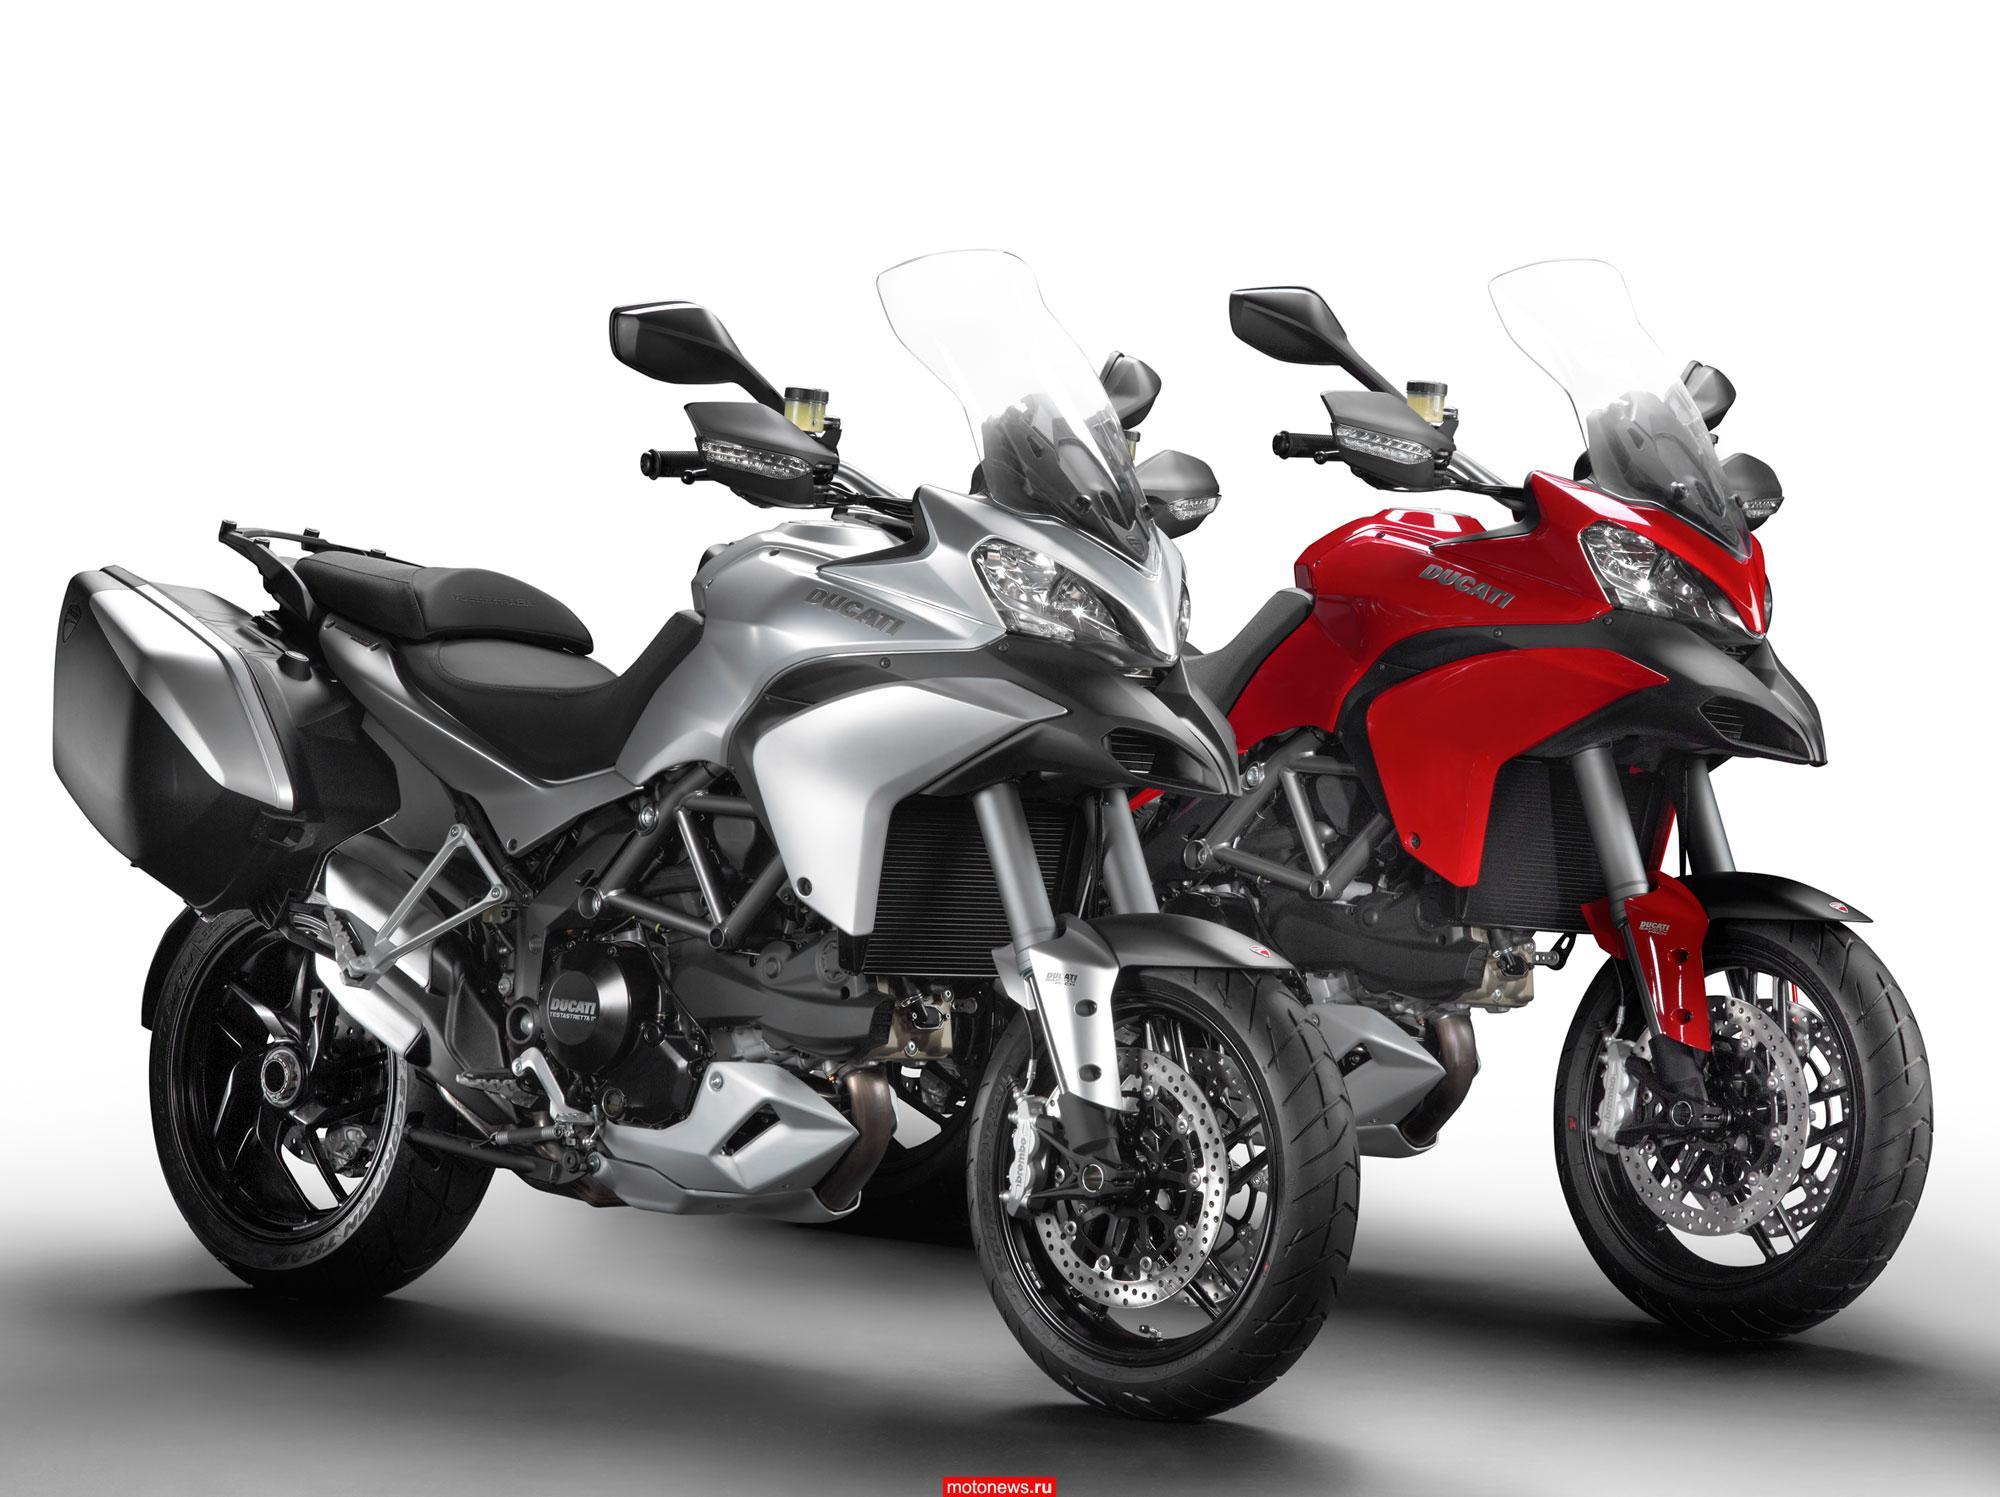 Ducati отзывает партию мотоциклов Multistrada 1200